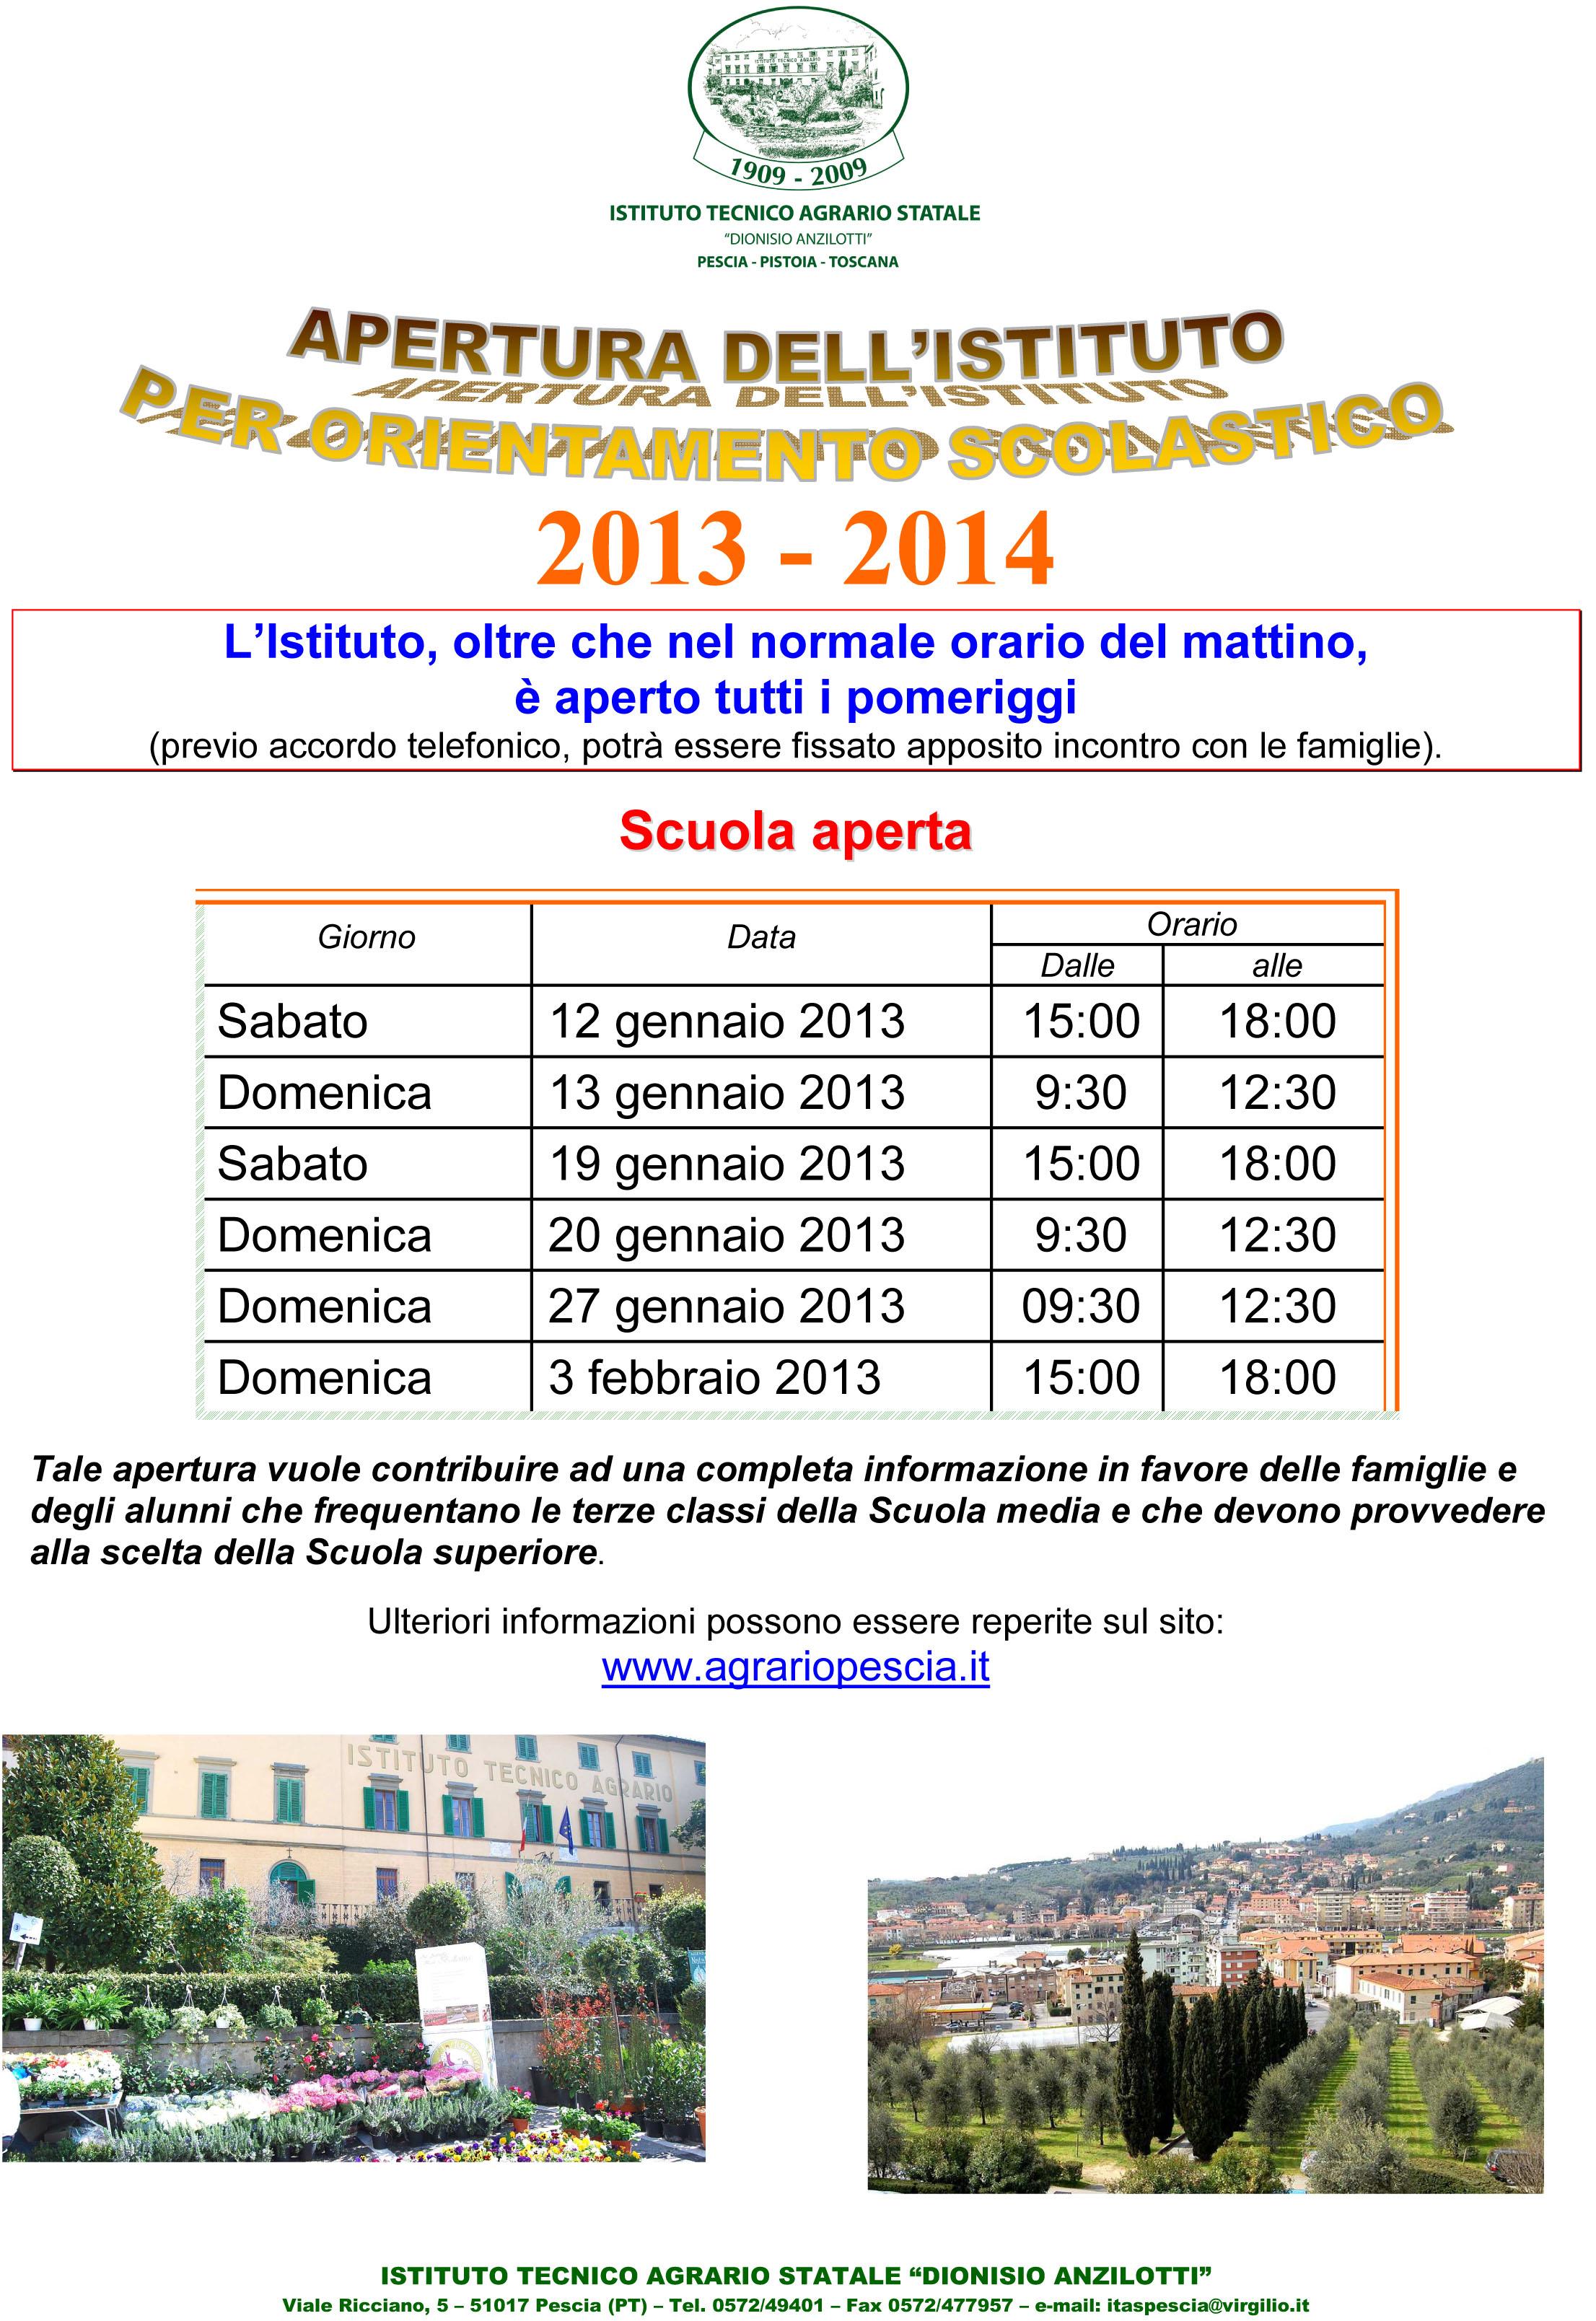 Calendario_giorni Scuola Aperta 2013_2014